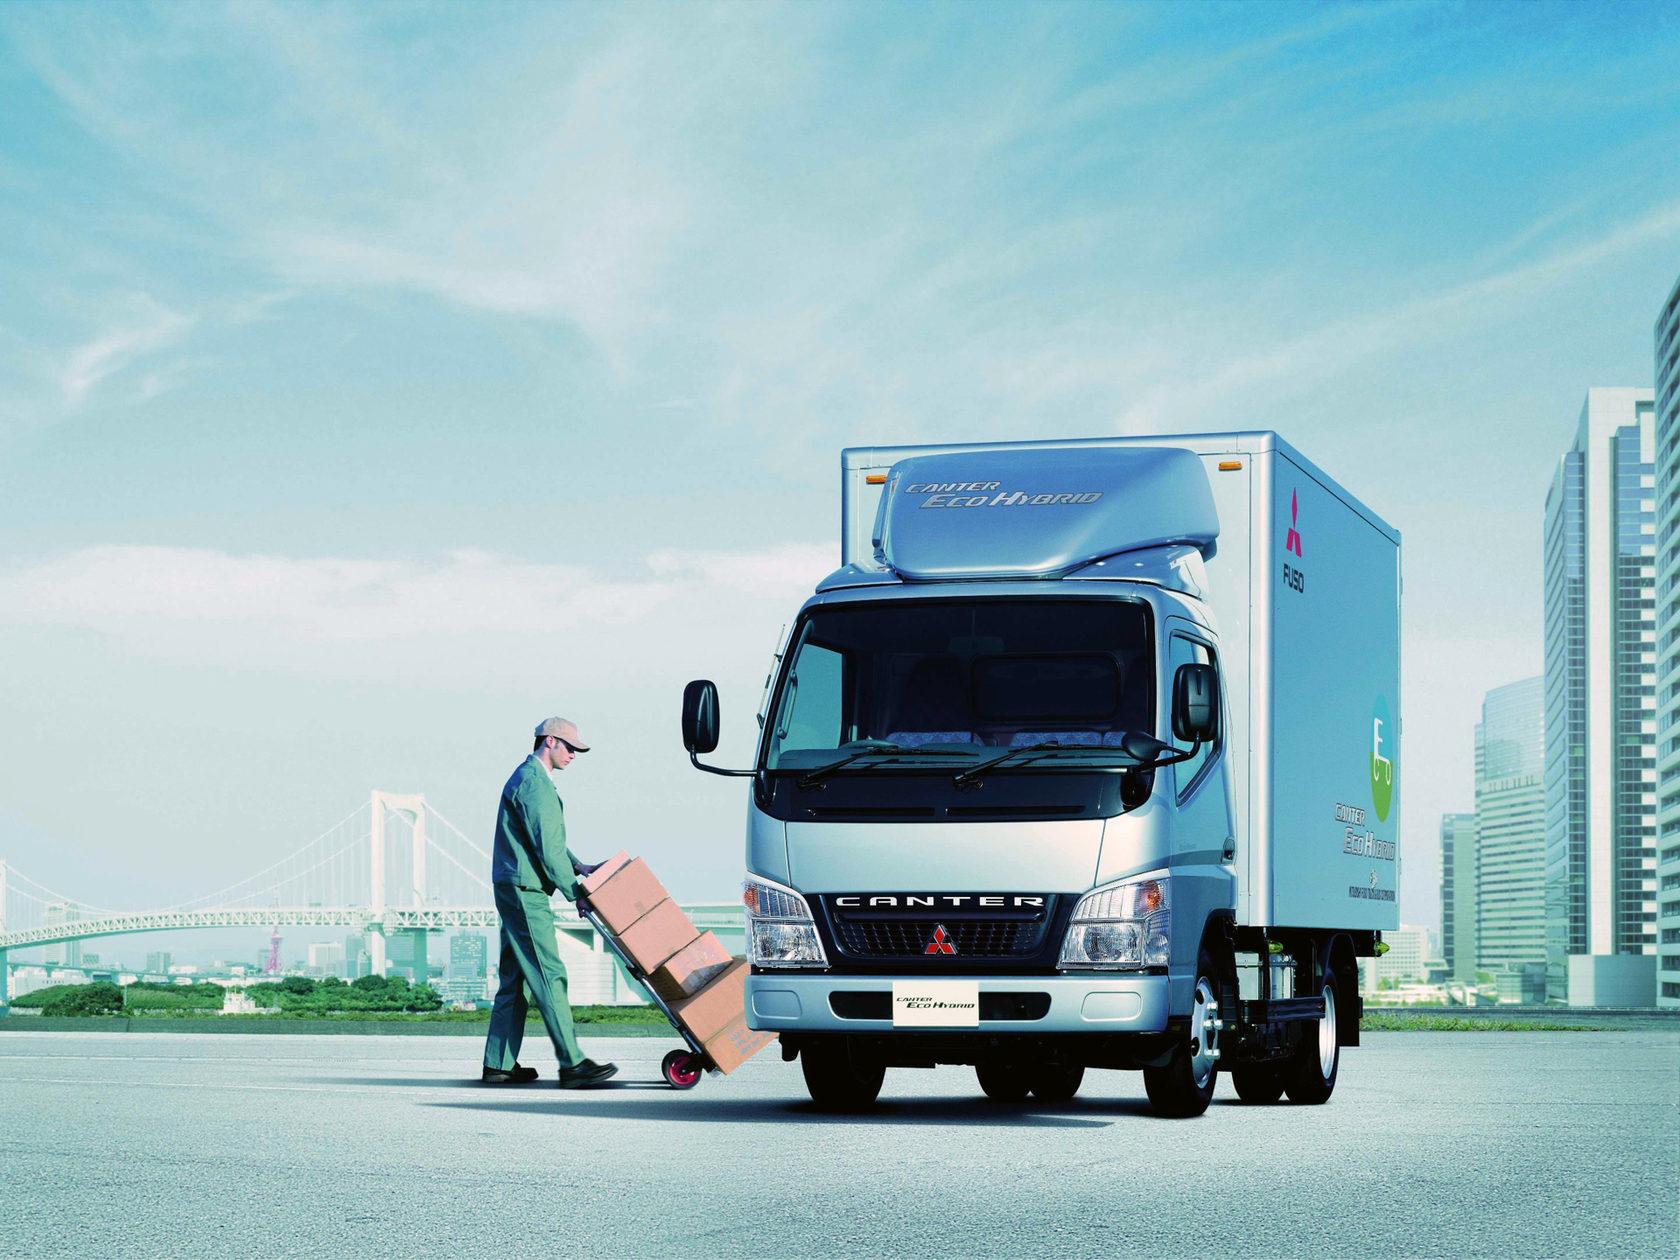 Картинка грузовых перевозок